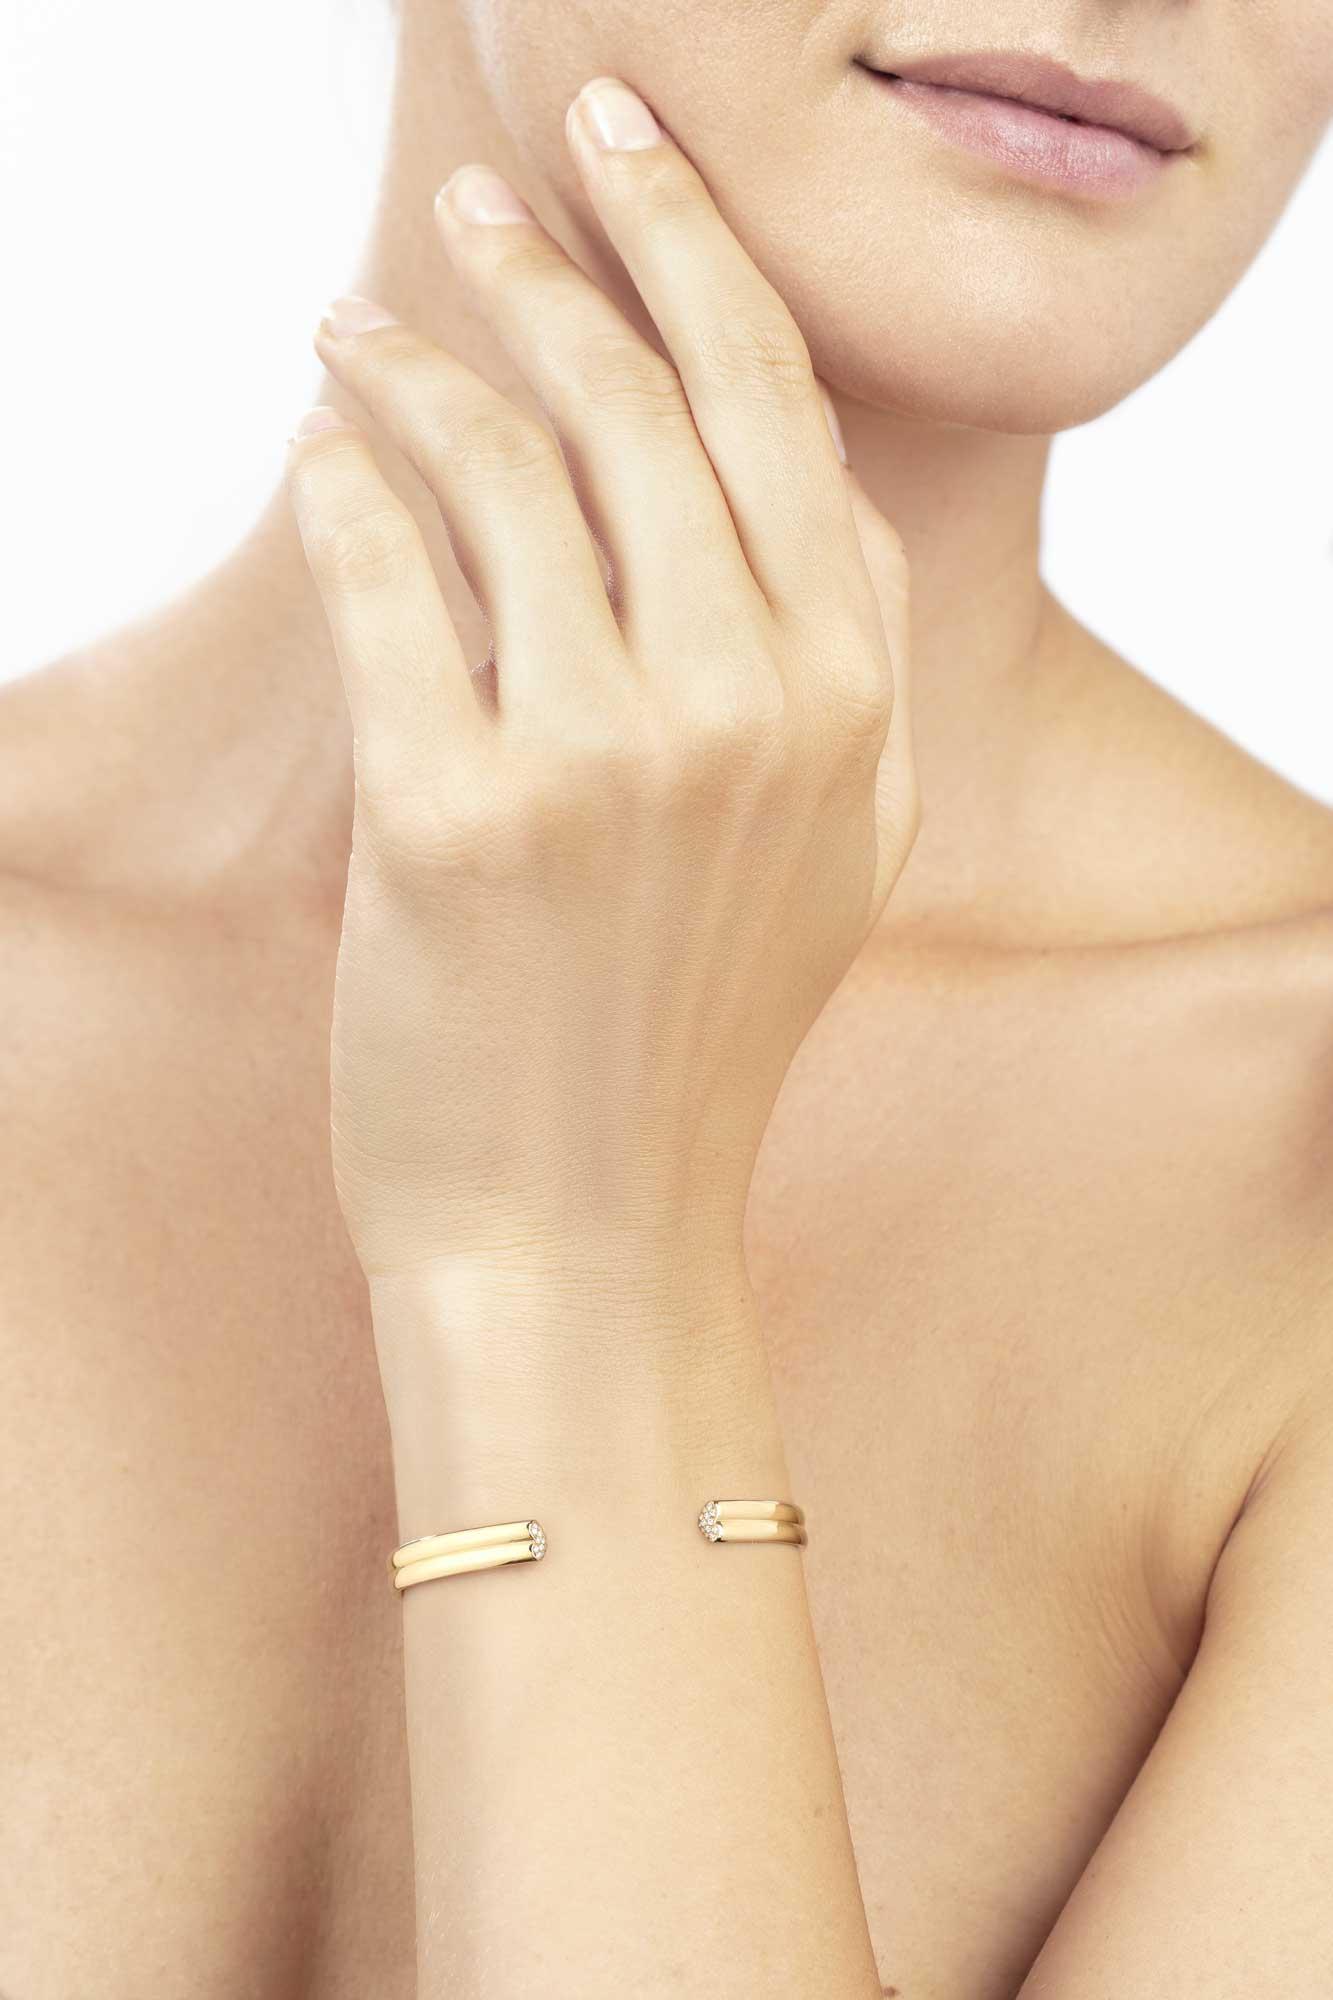 Yellow Gold Bracelet with Diamonds - Canaglia Paris-Milan Fine Jewelry